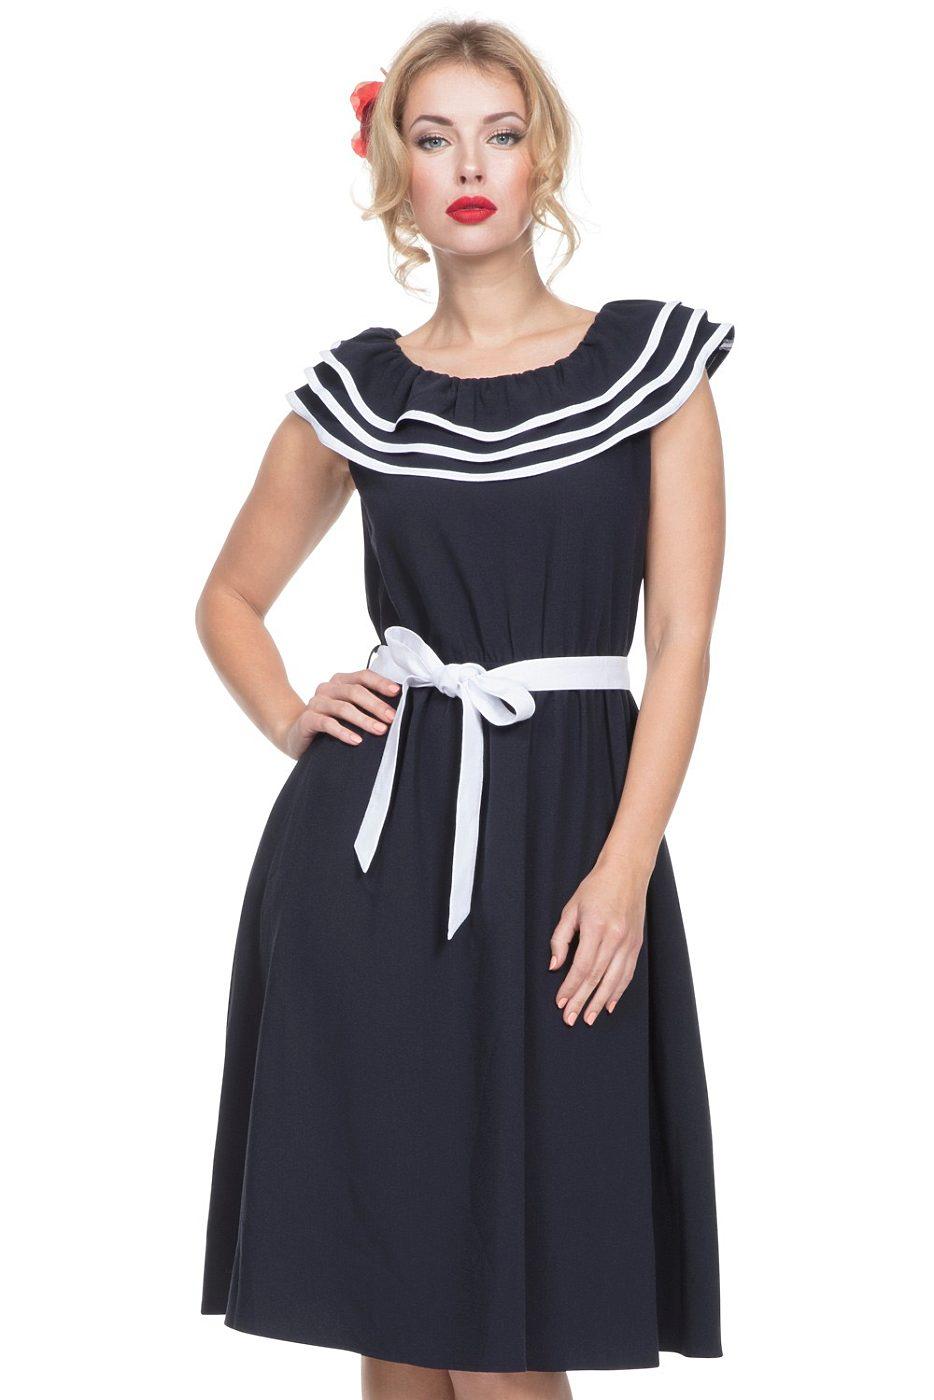 2401b1efef78 Modré námořnické šaty Voodoo Vixen Hope Voodoo Vixen